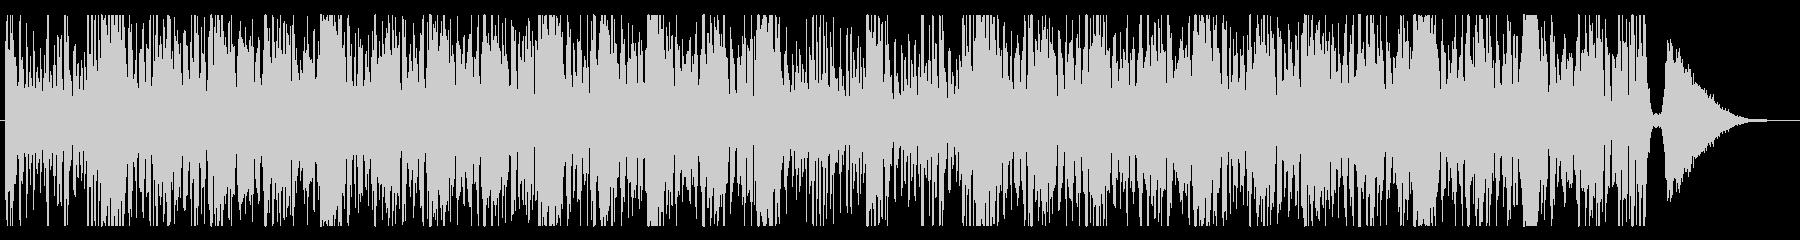 打楽器を多用した躍動感あるROCKの未再生の波形